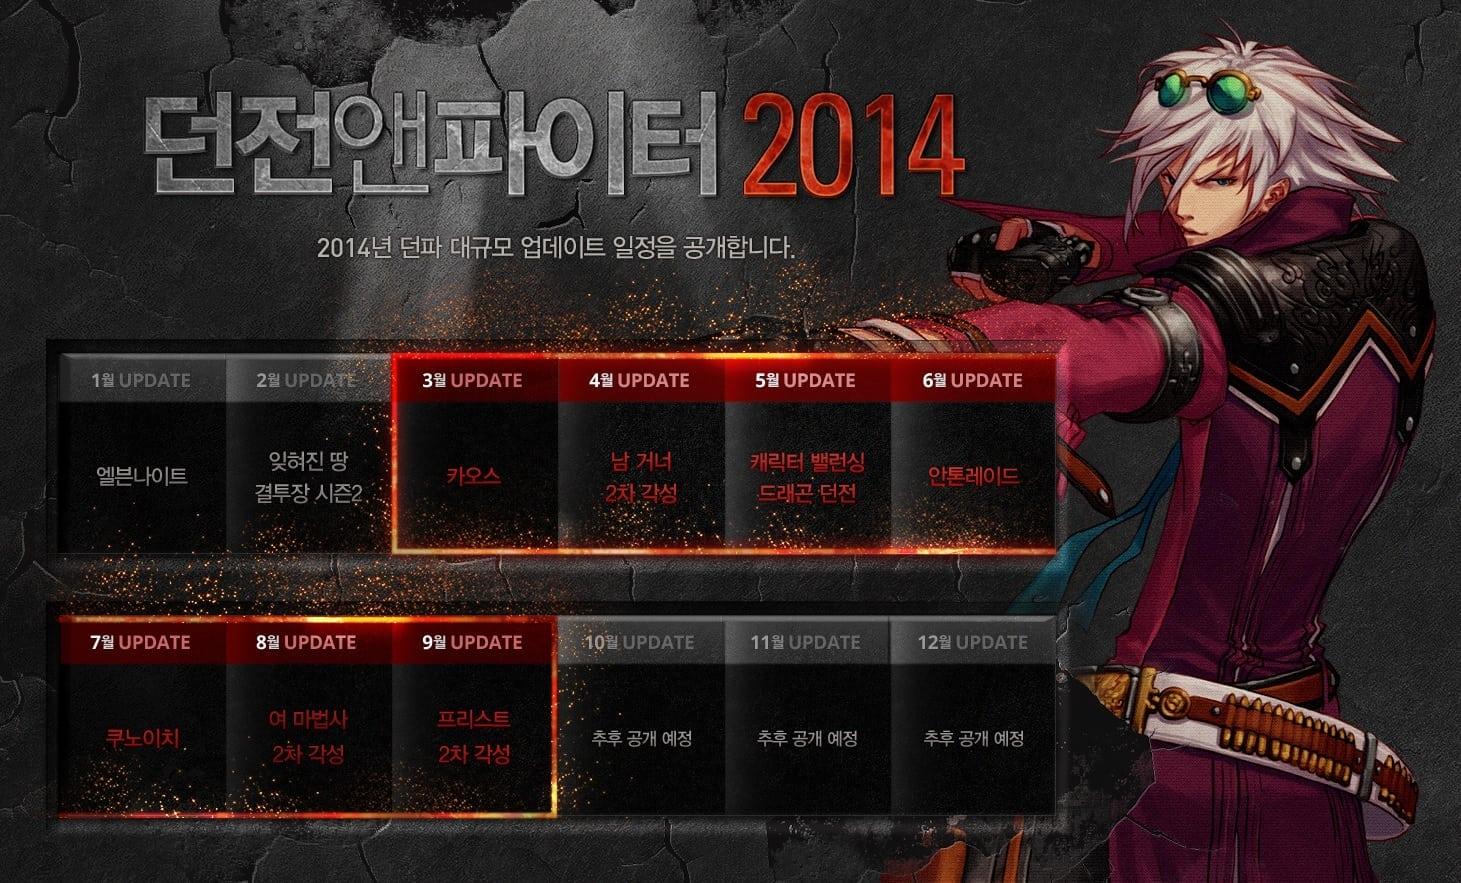 Dungeon & Fighter - 2014 update plans